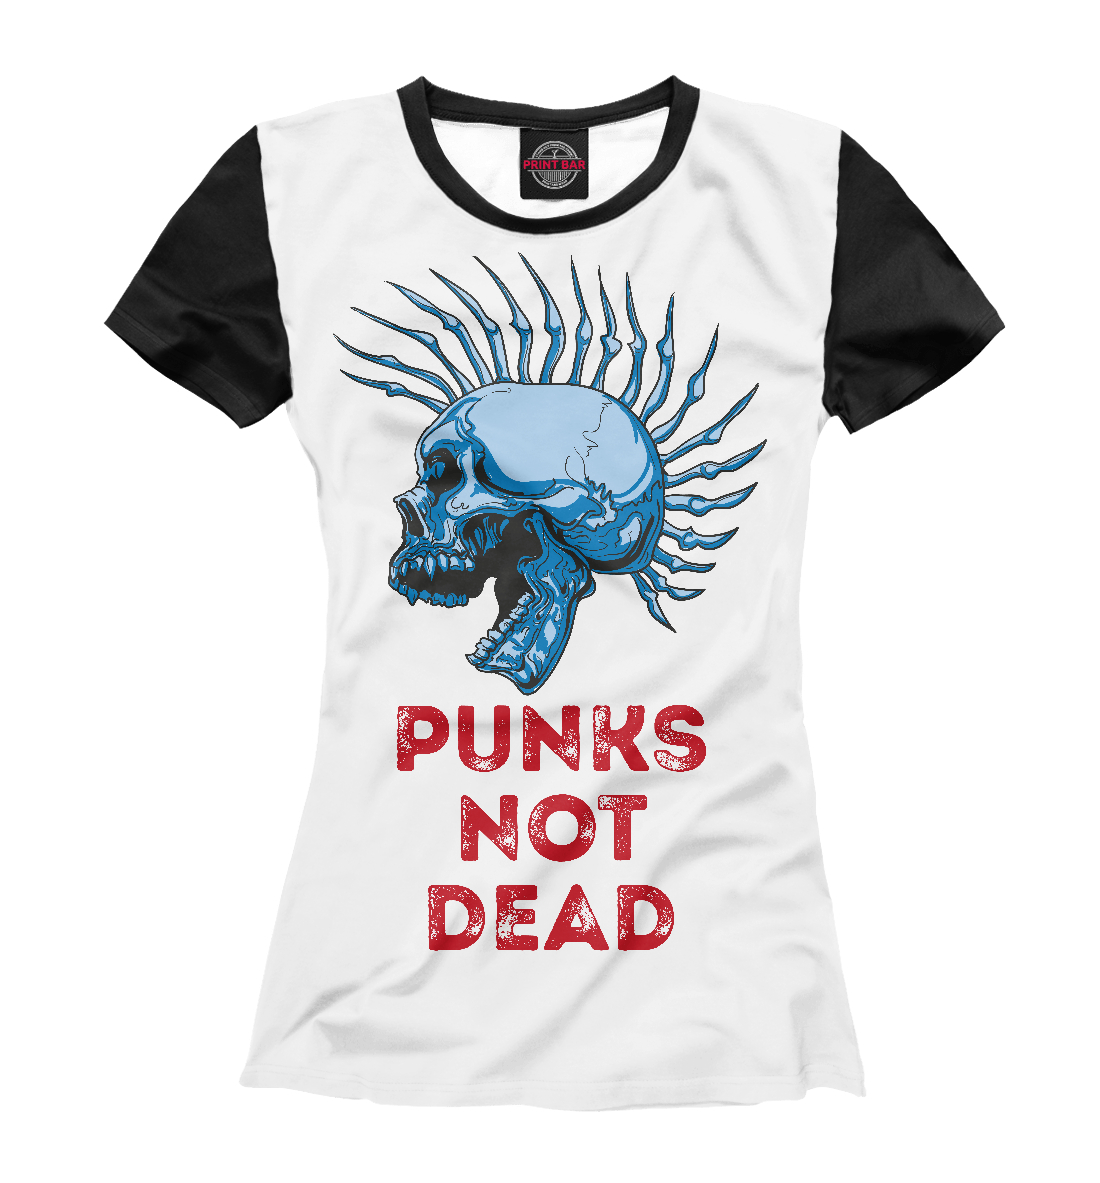 Купить Punks not dead, Printbar, Футболки, MZK-680959-fut-1